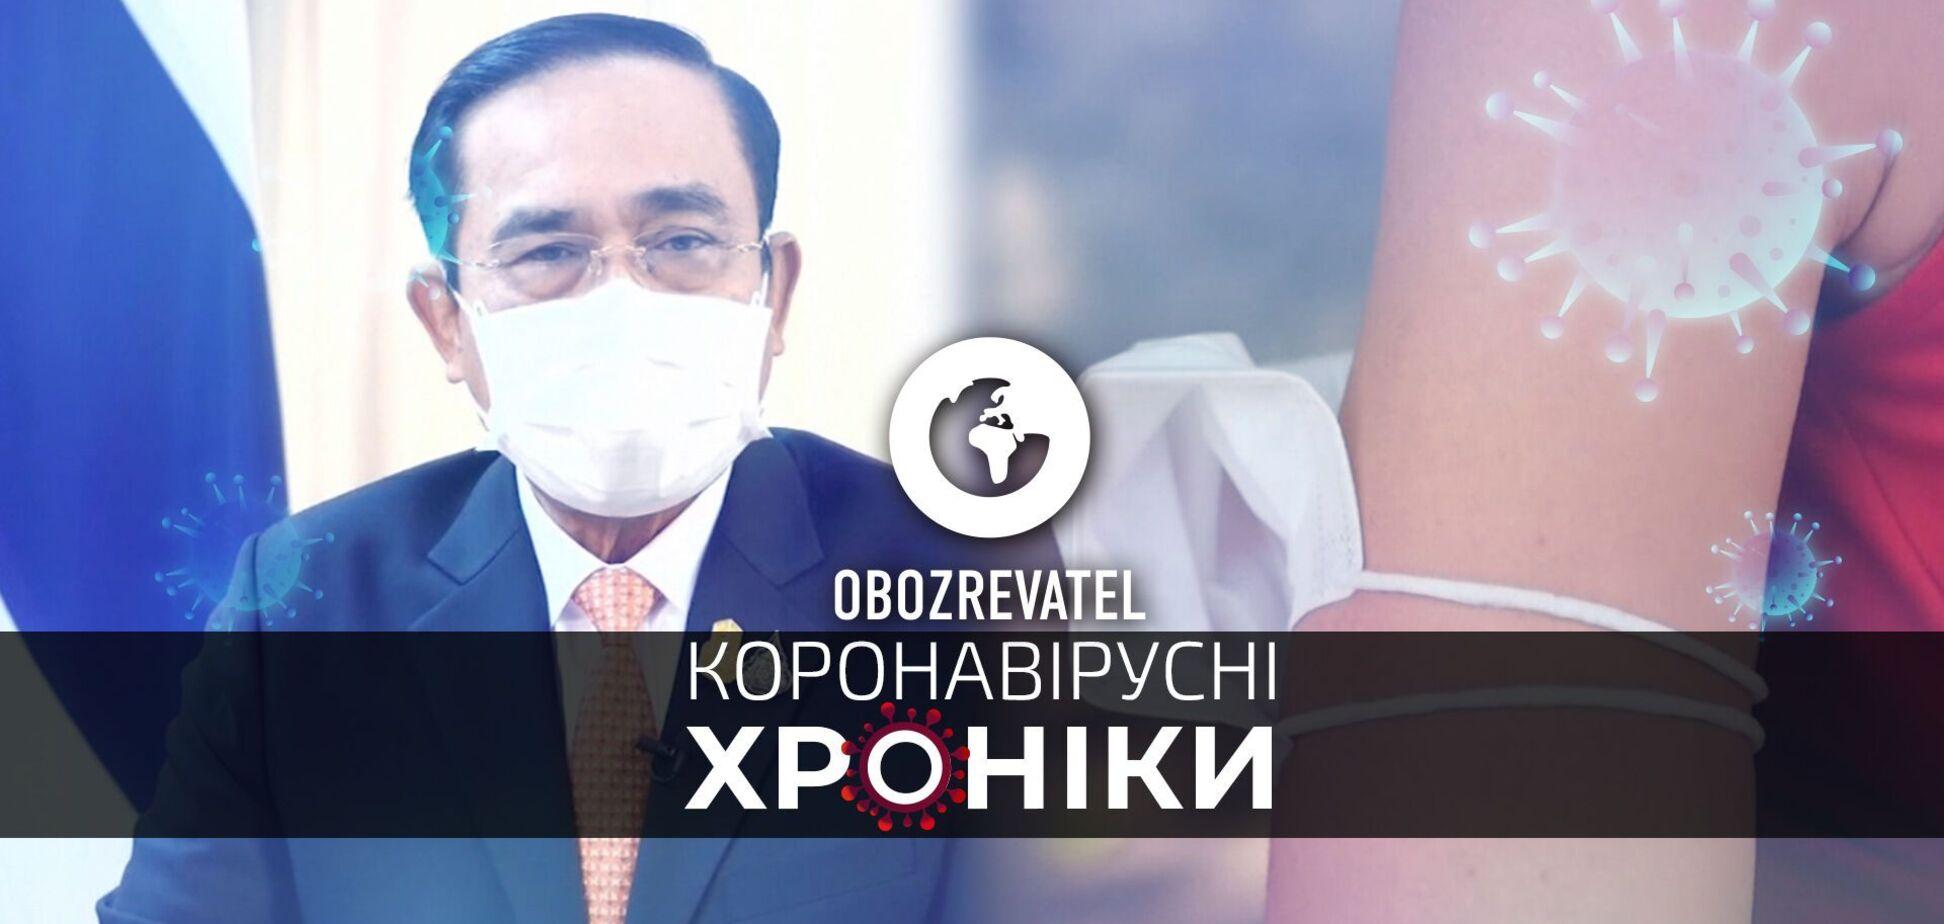 Таиланд в течении 120 дней откроется для туристов, а во Франции разрешили не носить маски на открытом воздухе – коронавирусные хроники